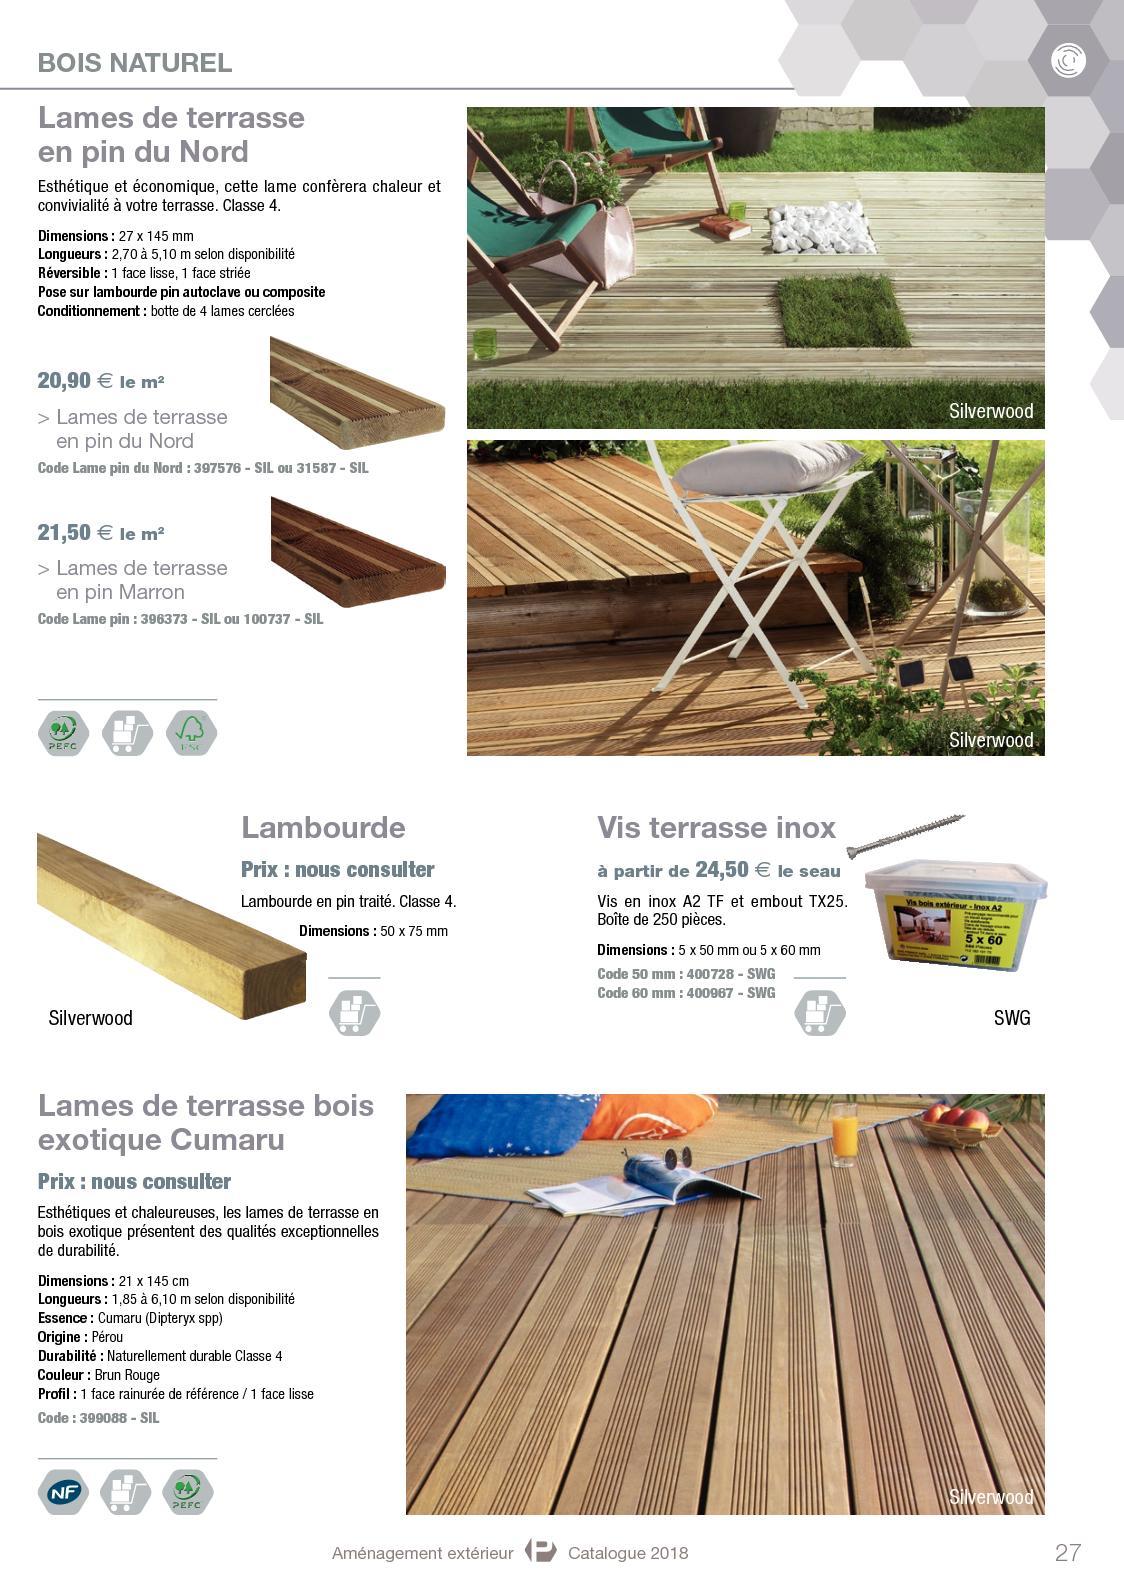 Catalogue Aménagement Extérieur 2018 Calameo Downloader